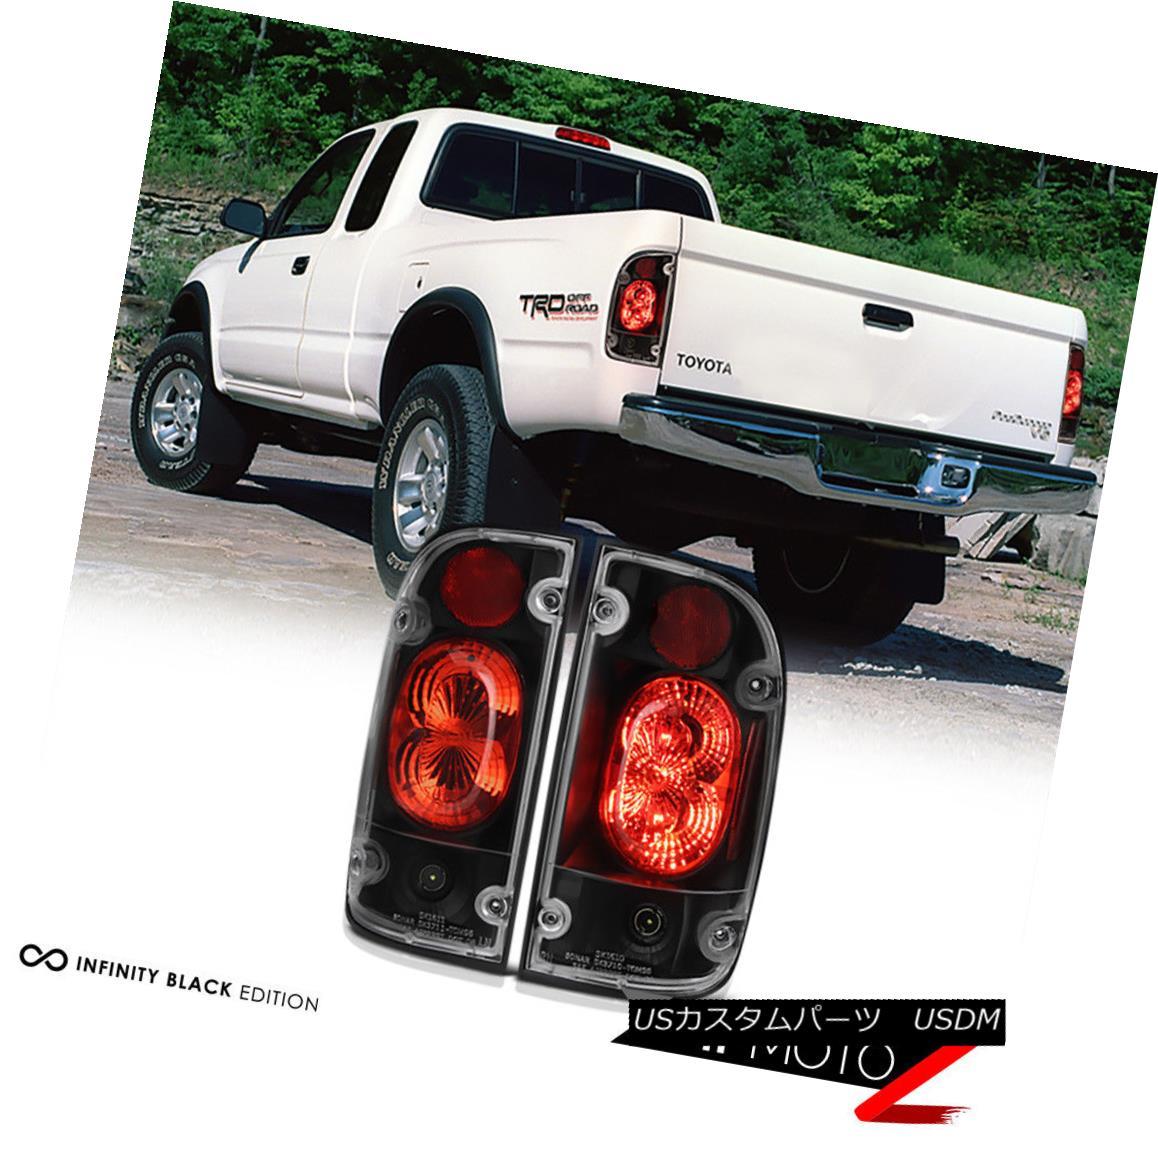 テールライト 01-04 Toyota Tacoma 2/4WD TRD JDM Pickup Black Tail Light Brake Signal Lamp L+R 01-04トヨタタコマ2 / 4WD TRD JDMピックアップブラックテールライトブレーキ信号ランプL + R